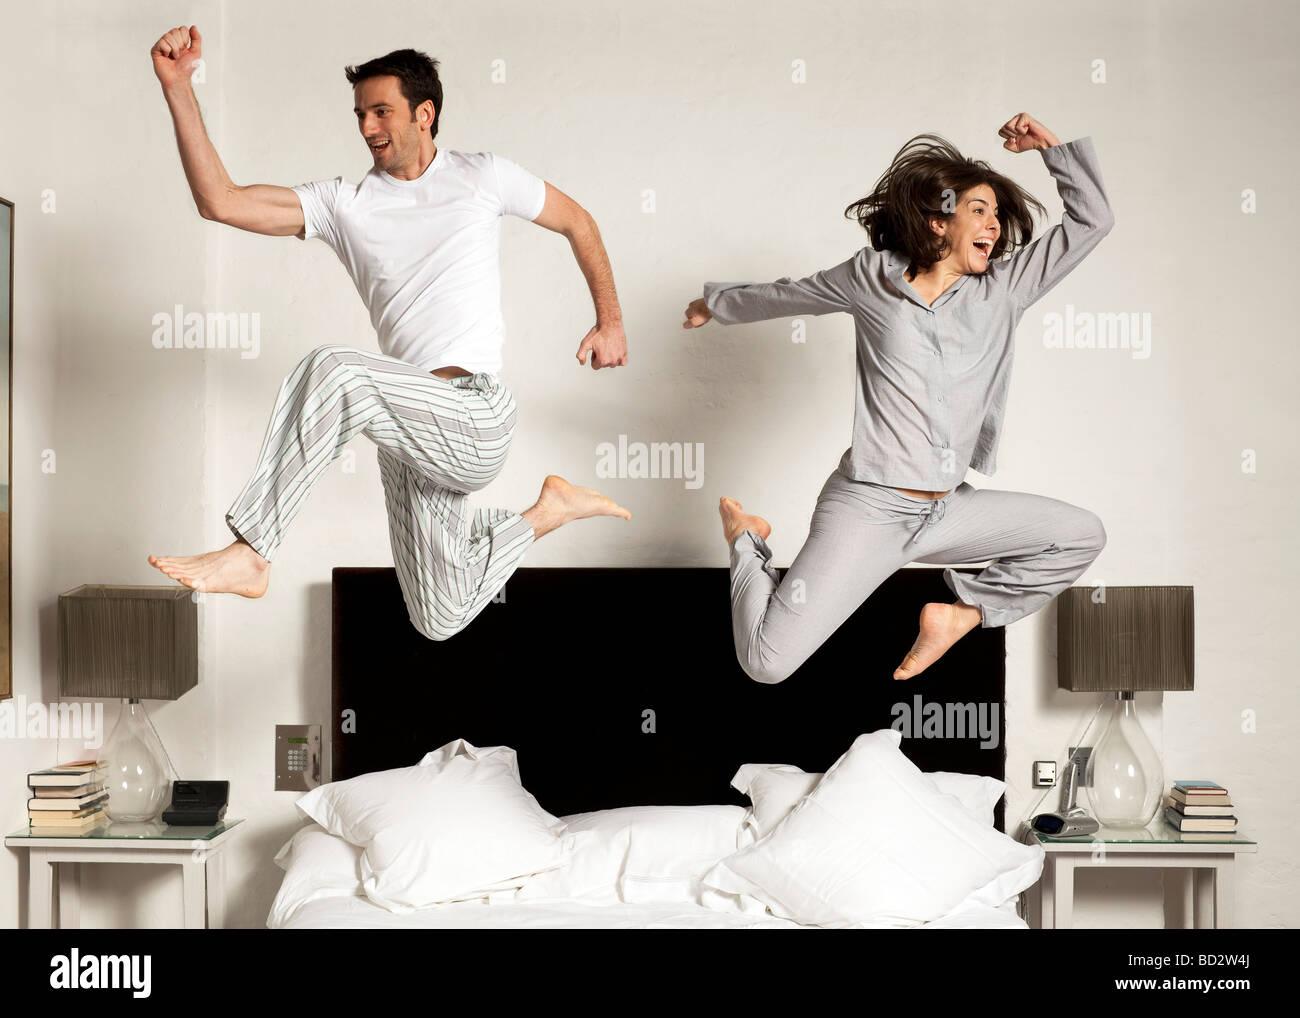 paar aus dem Bett springen Stockfoto